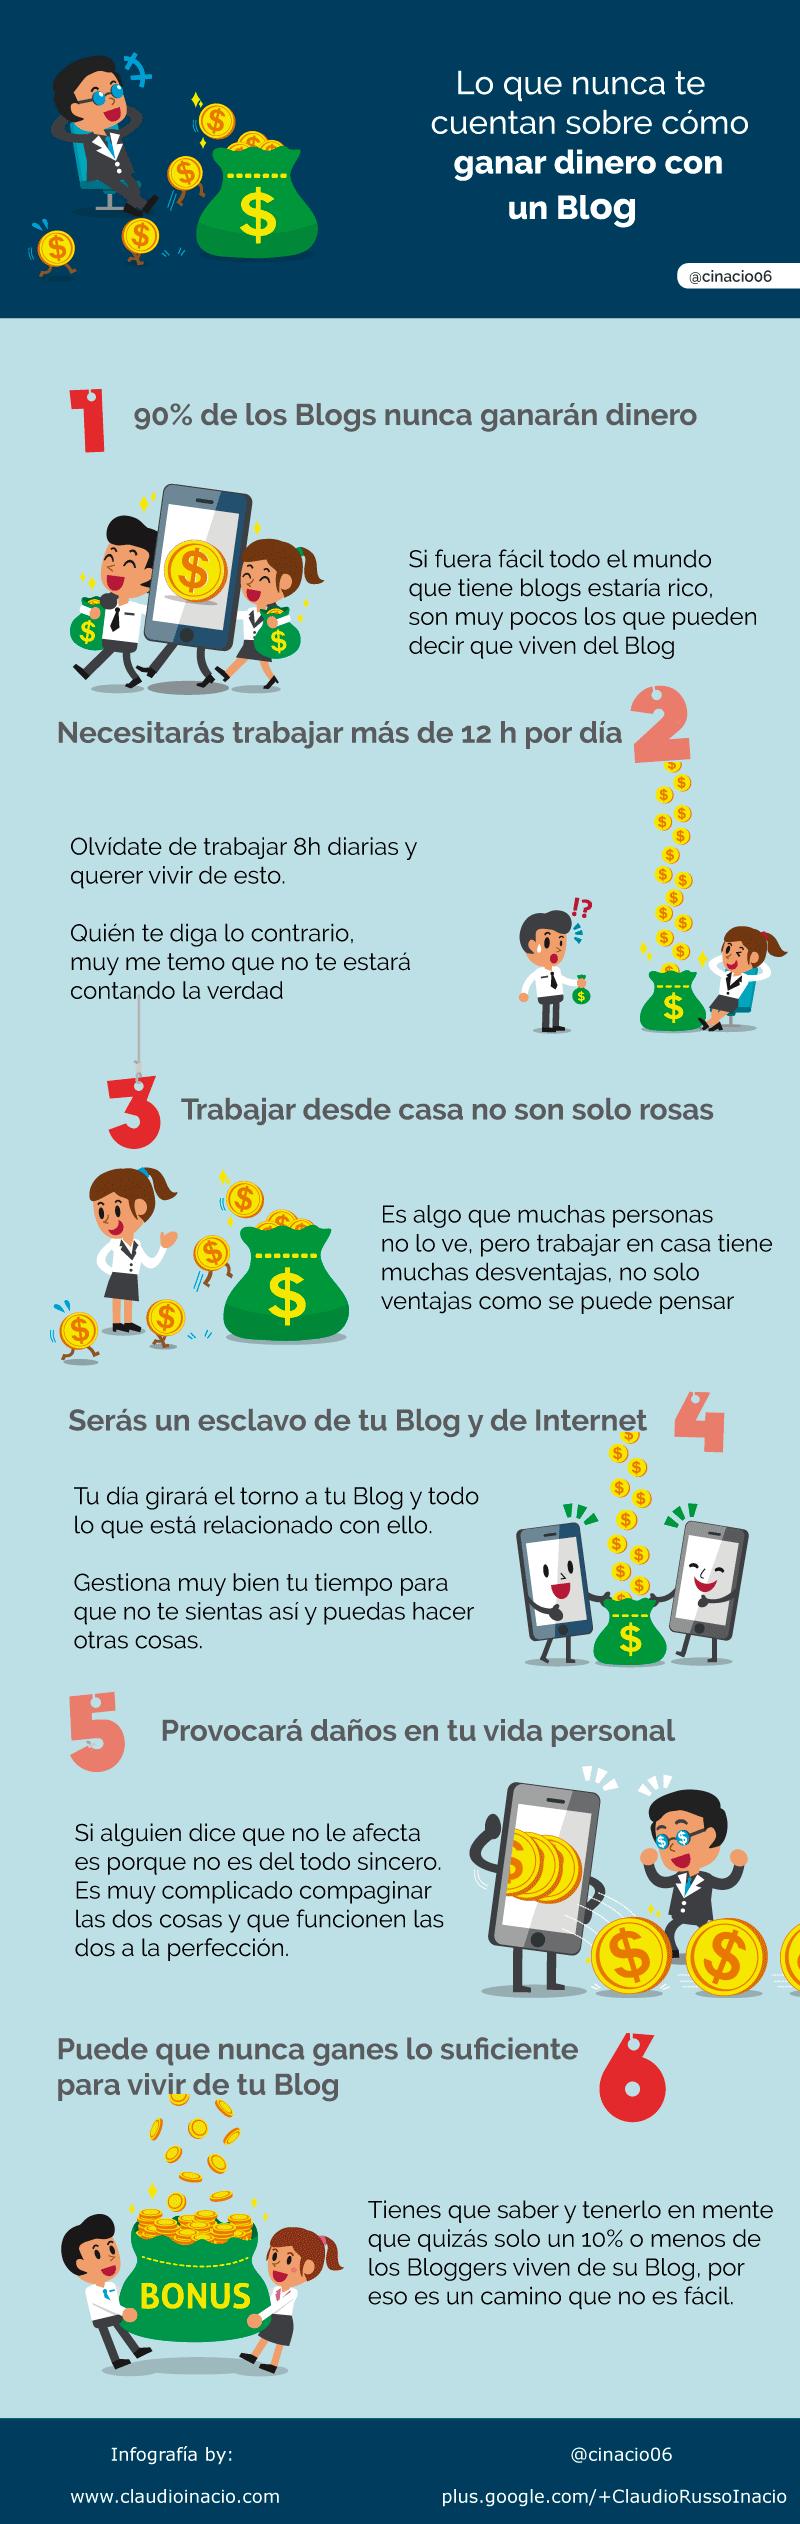 infografía cosas que no te cuentan sobre cómo ganar dinero con un blog